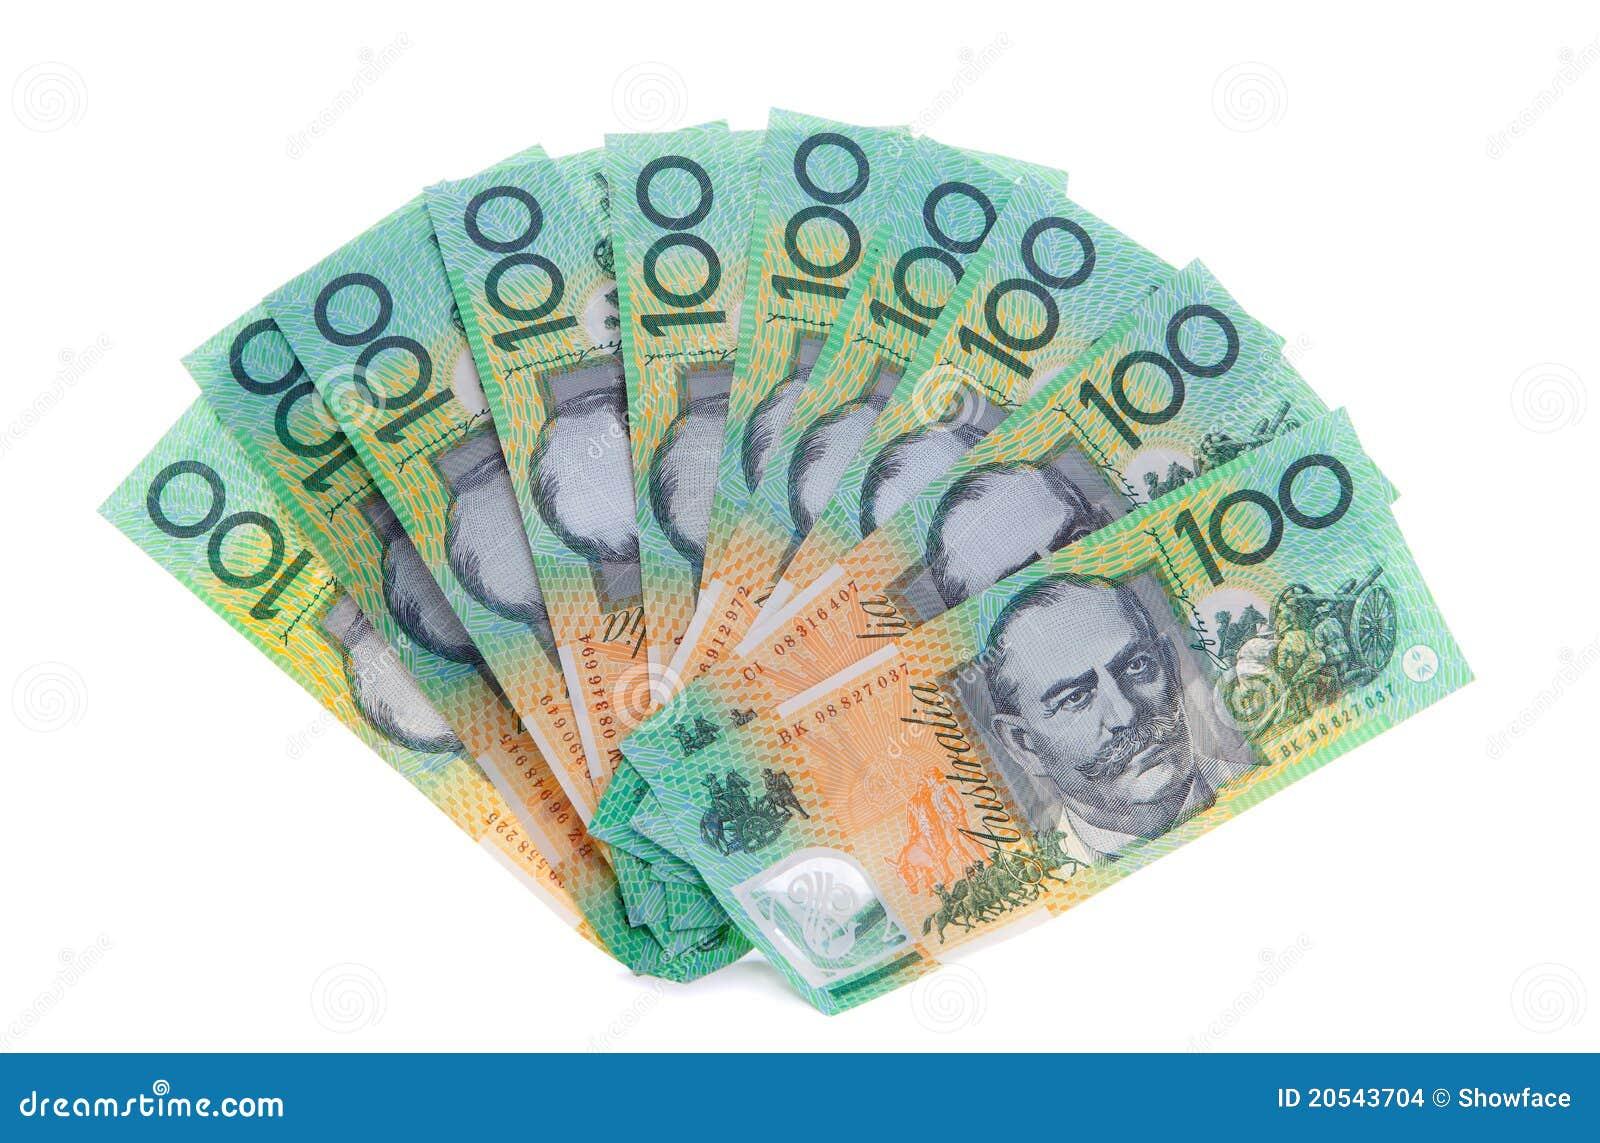 Accept Aussie -774346